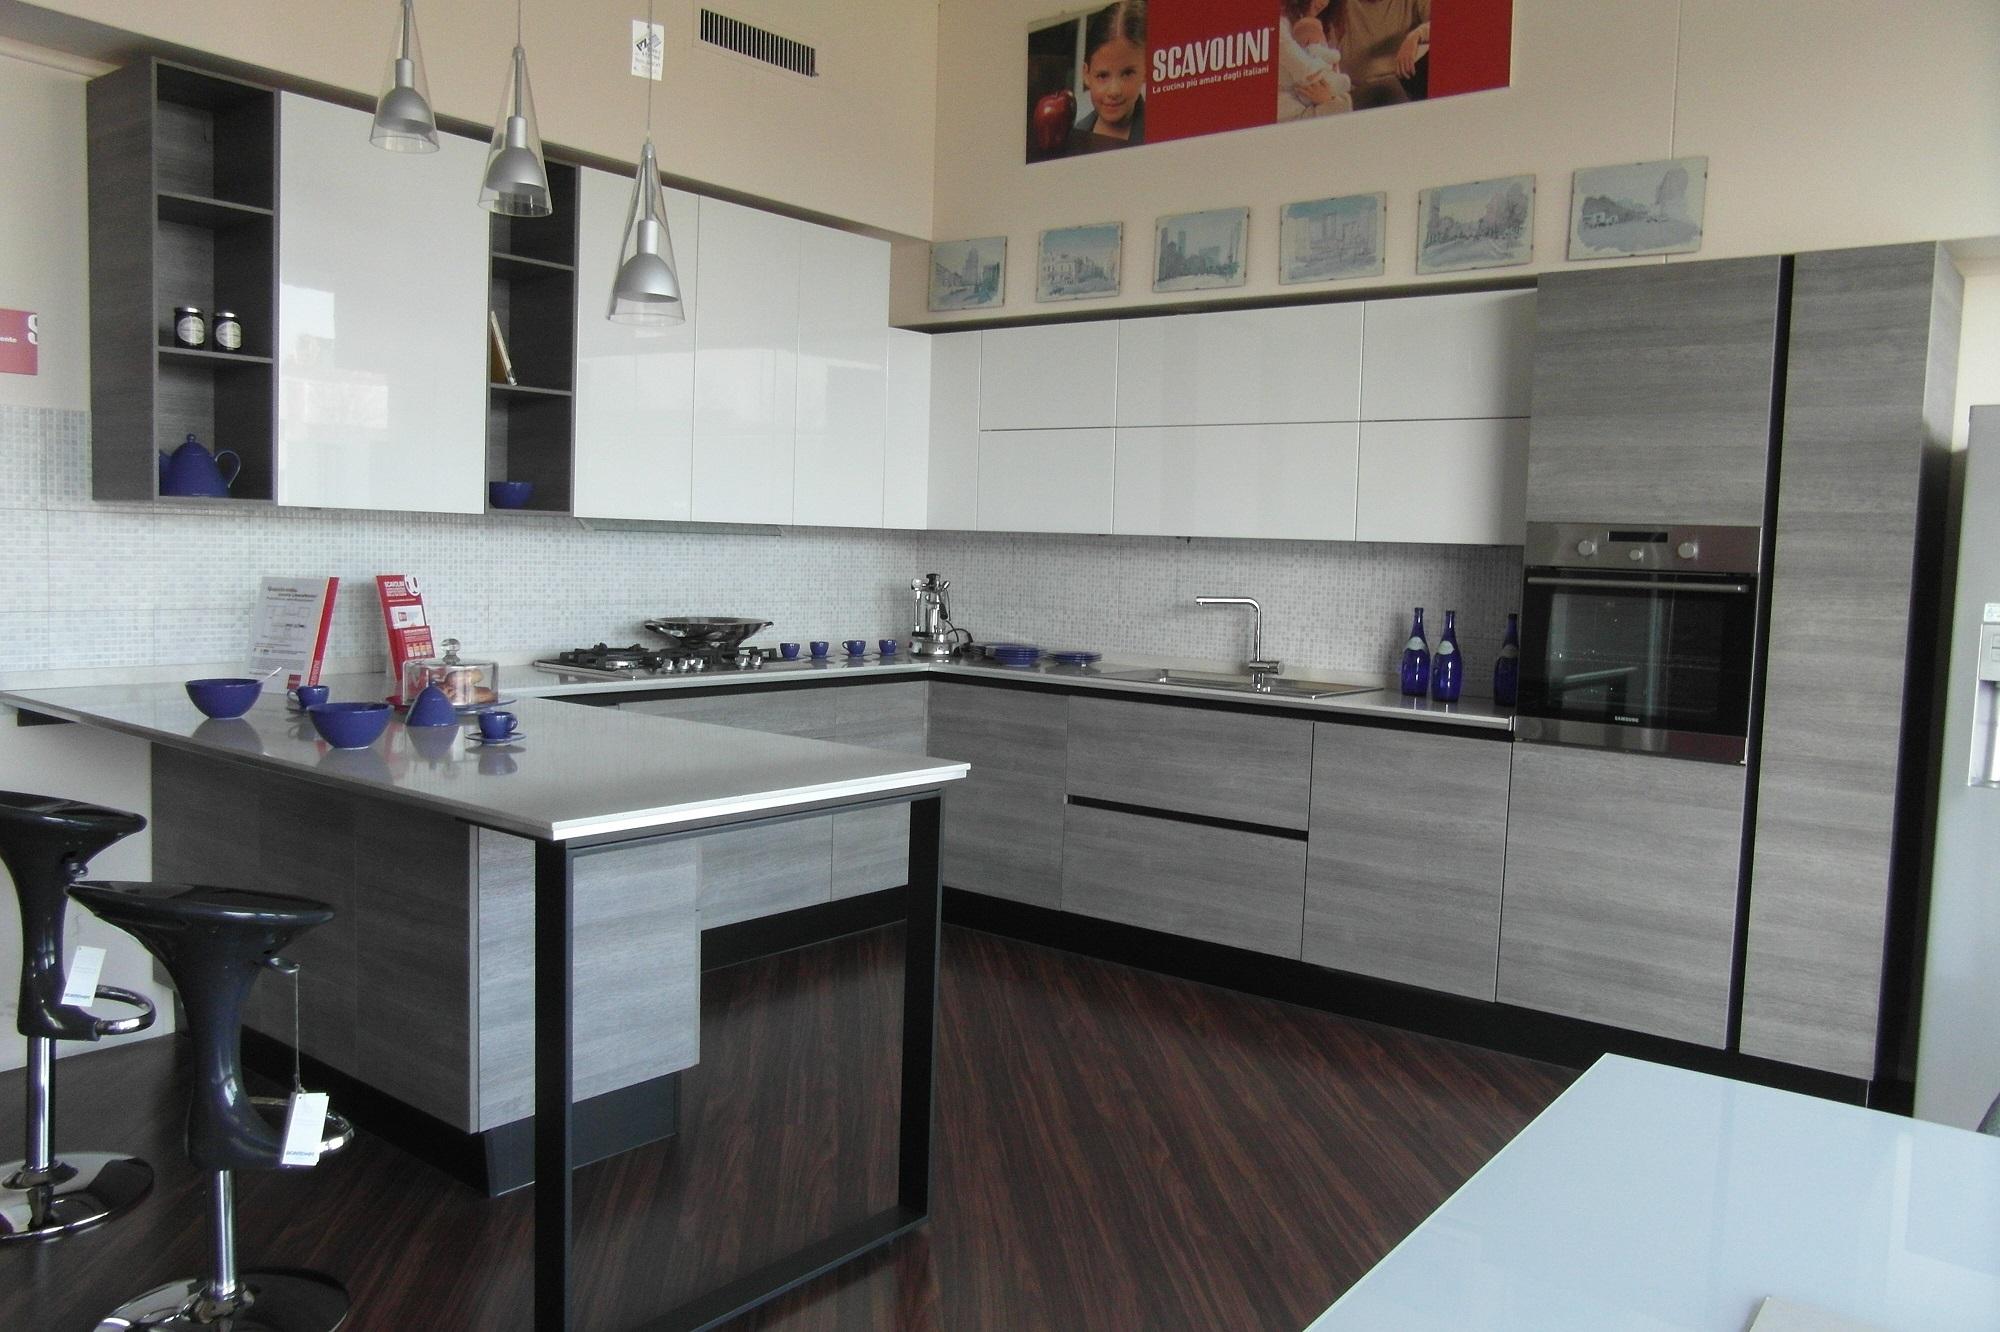 Cucina scavolini moderna alto livello sconto 31 cucine - Cucine nuovo arredo ...